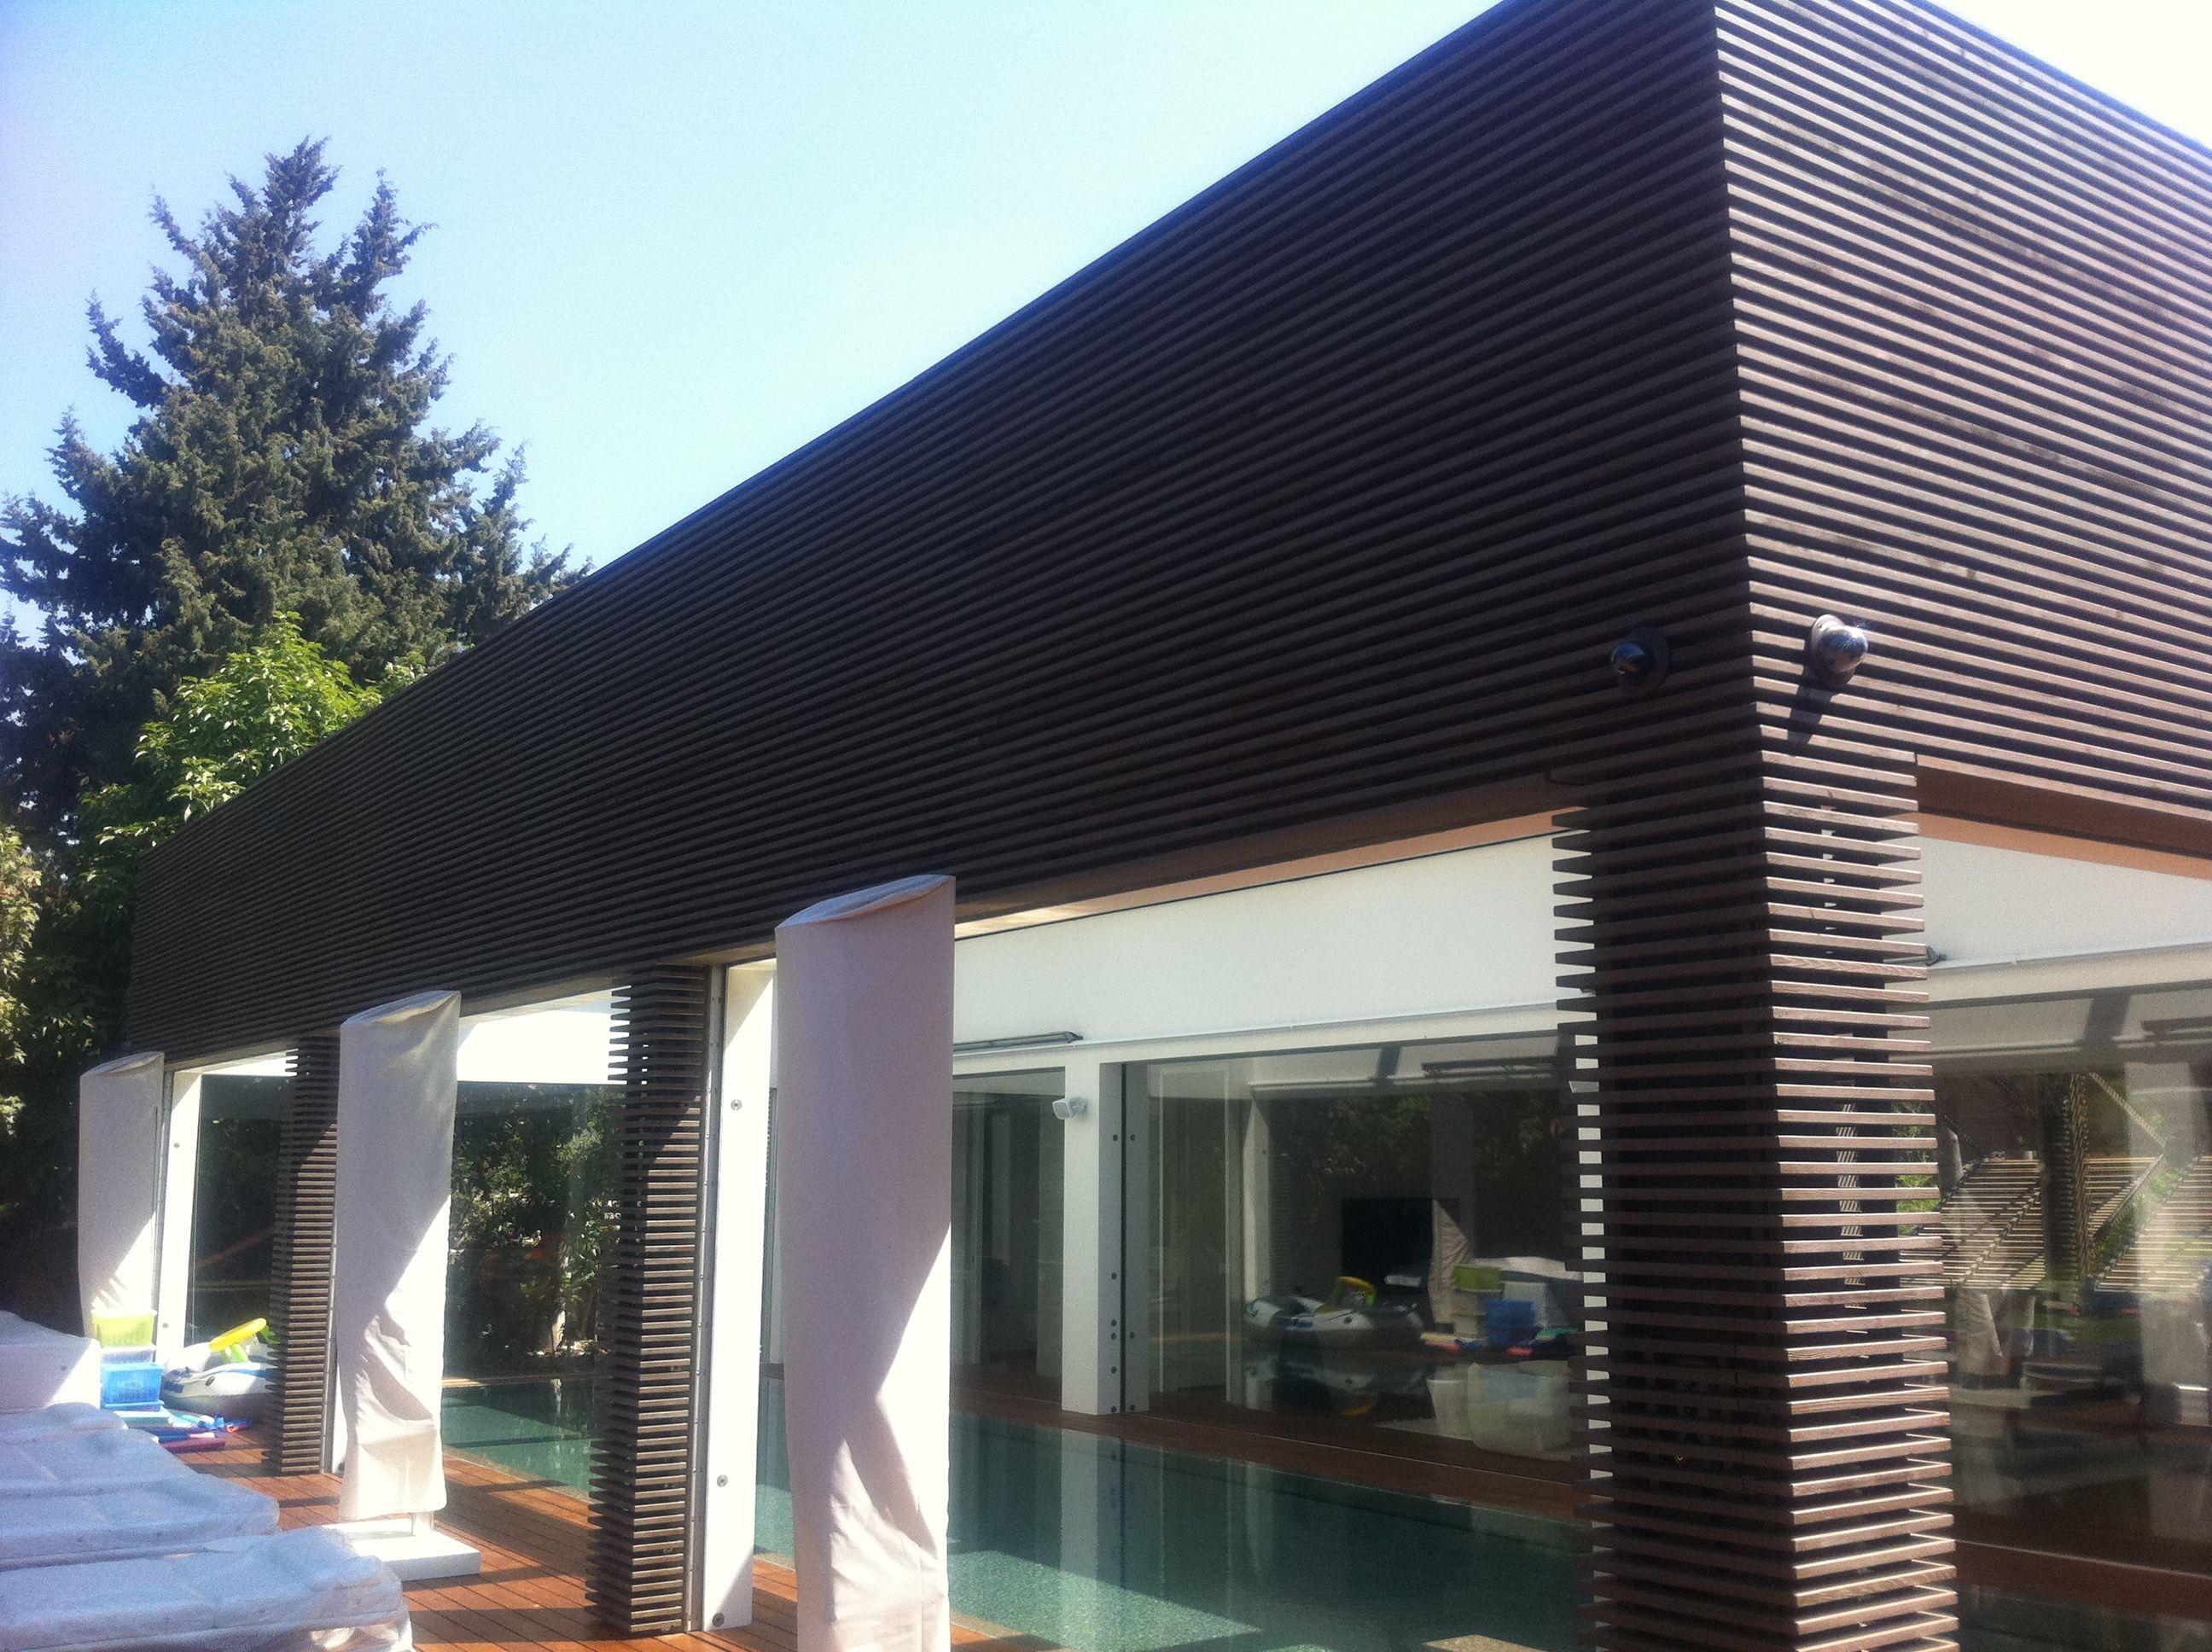 Folding_shutters motorize_dshutters dynamic_facade